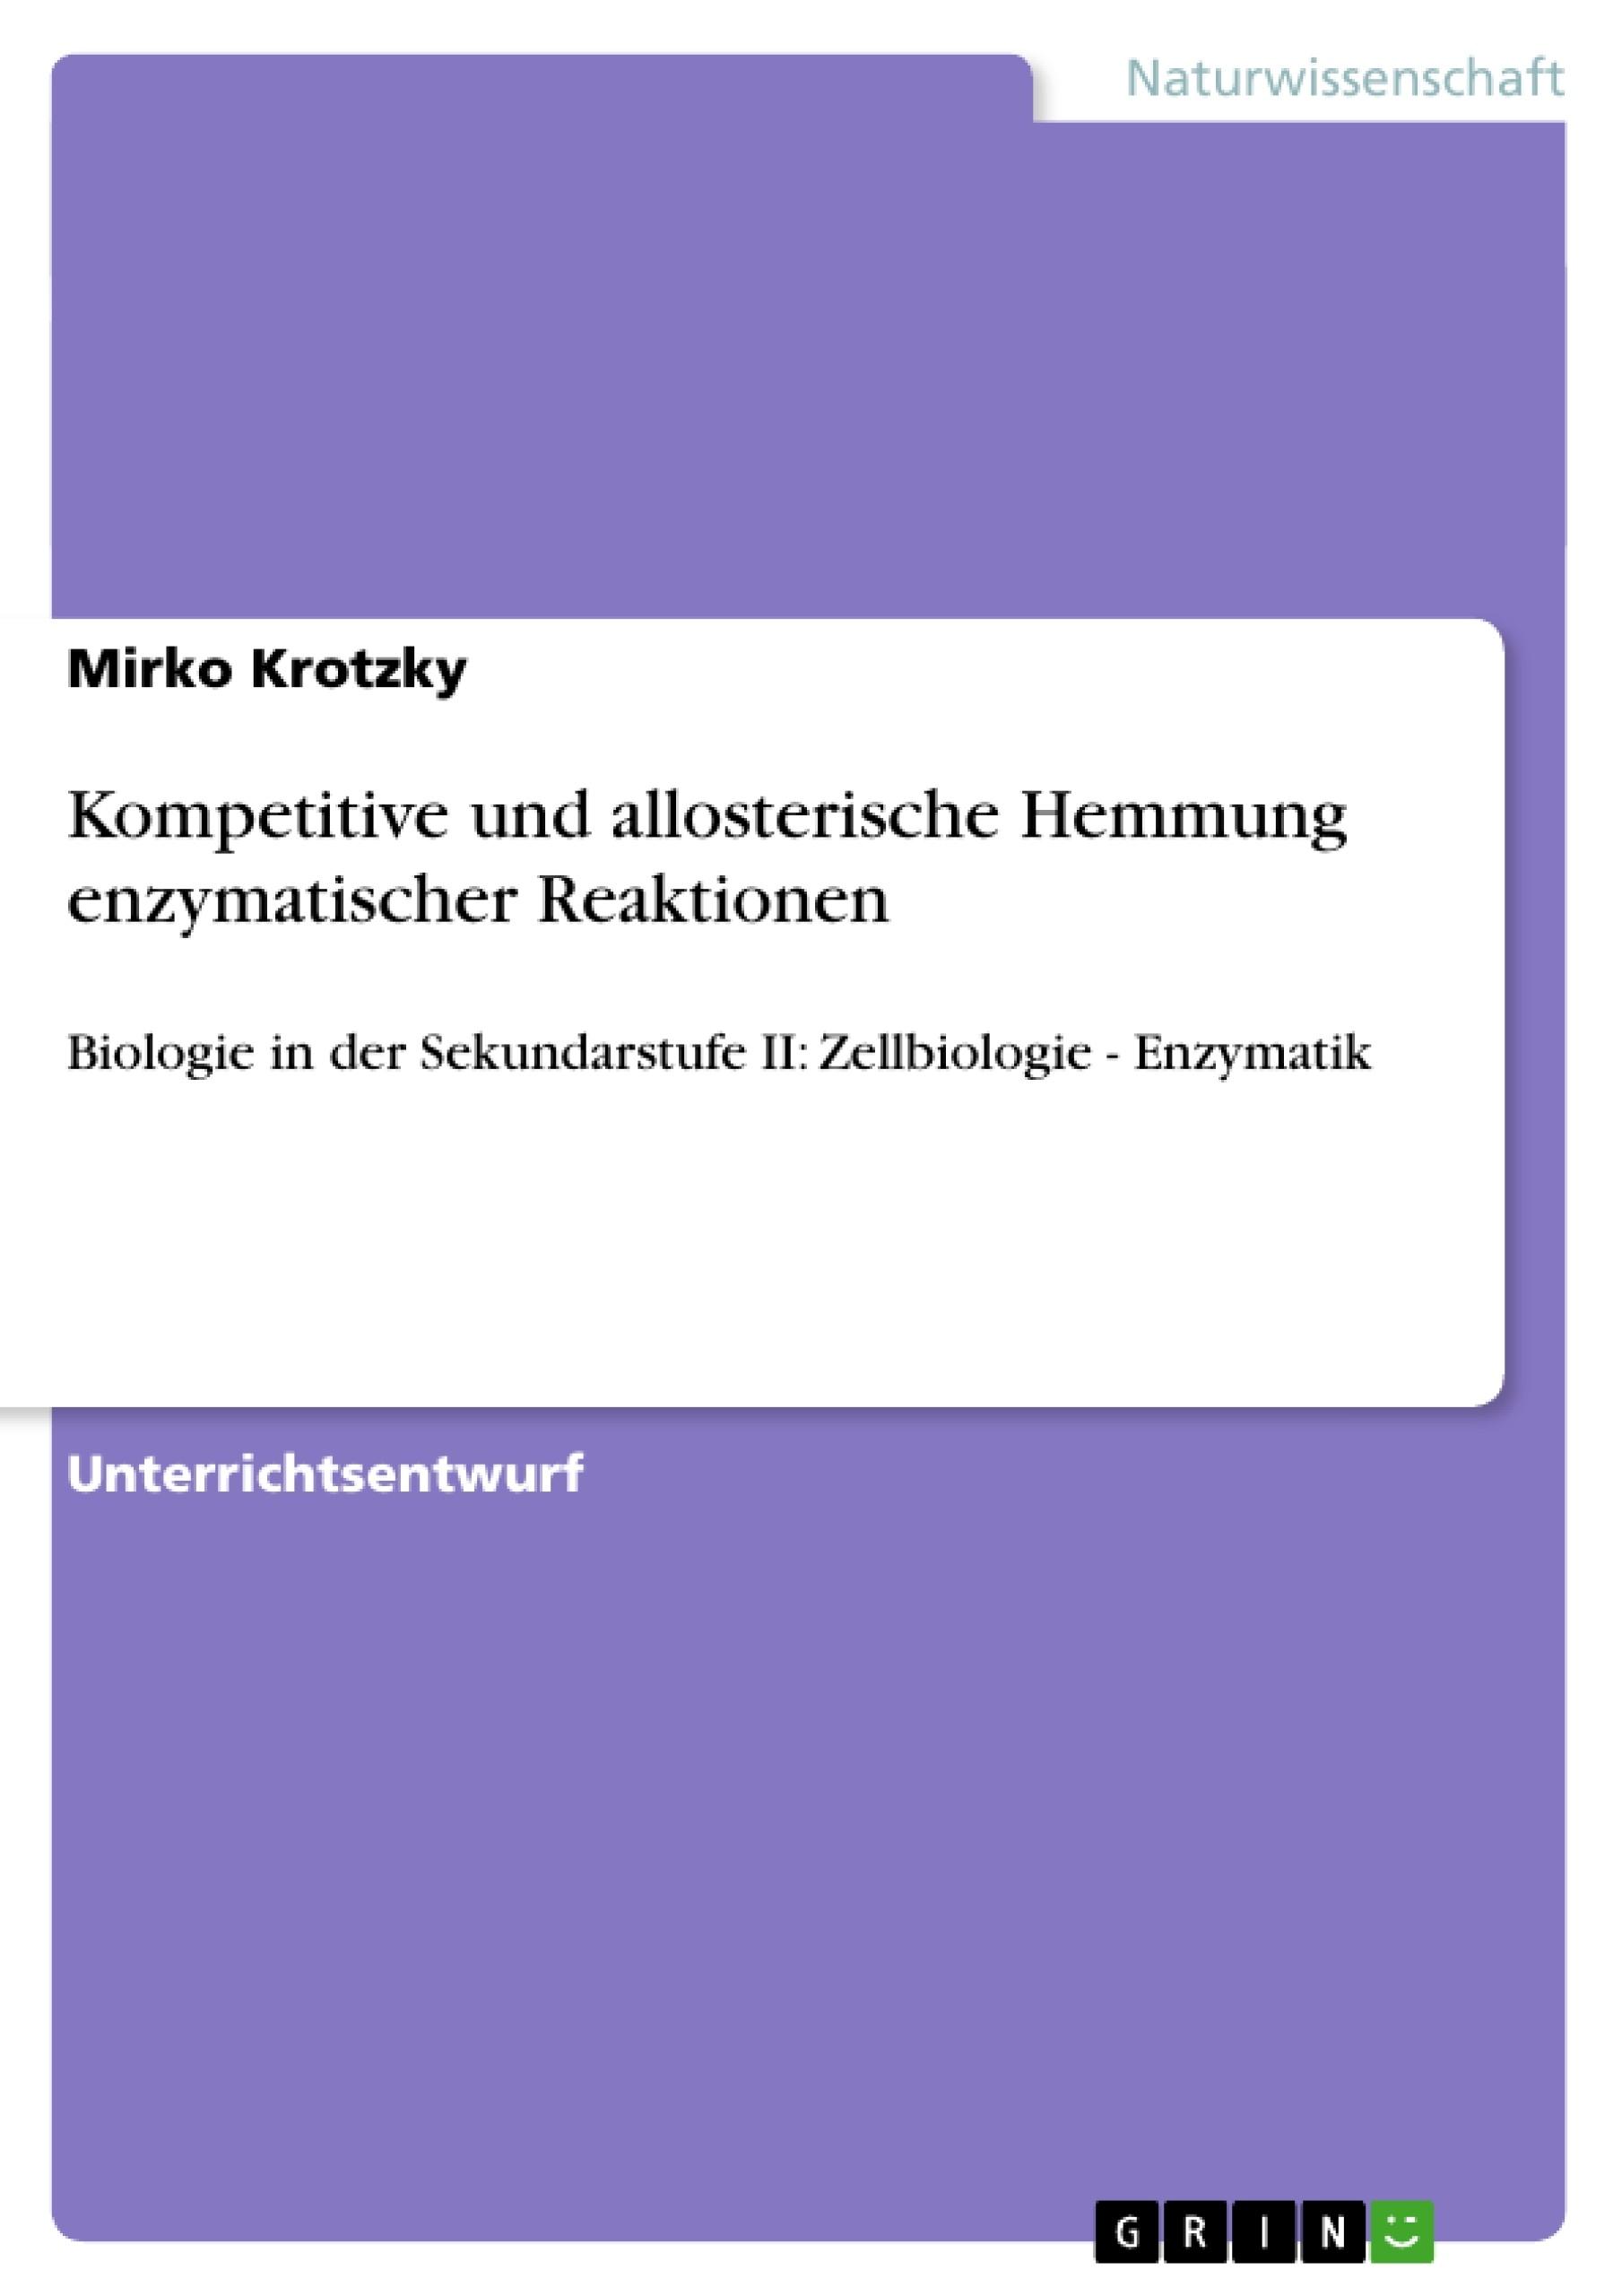 Titel: Kompetitive und allosterische Hemmung enzymatischer Reaktionen